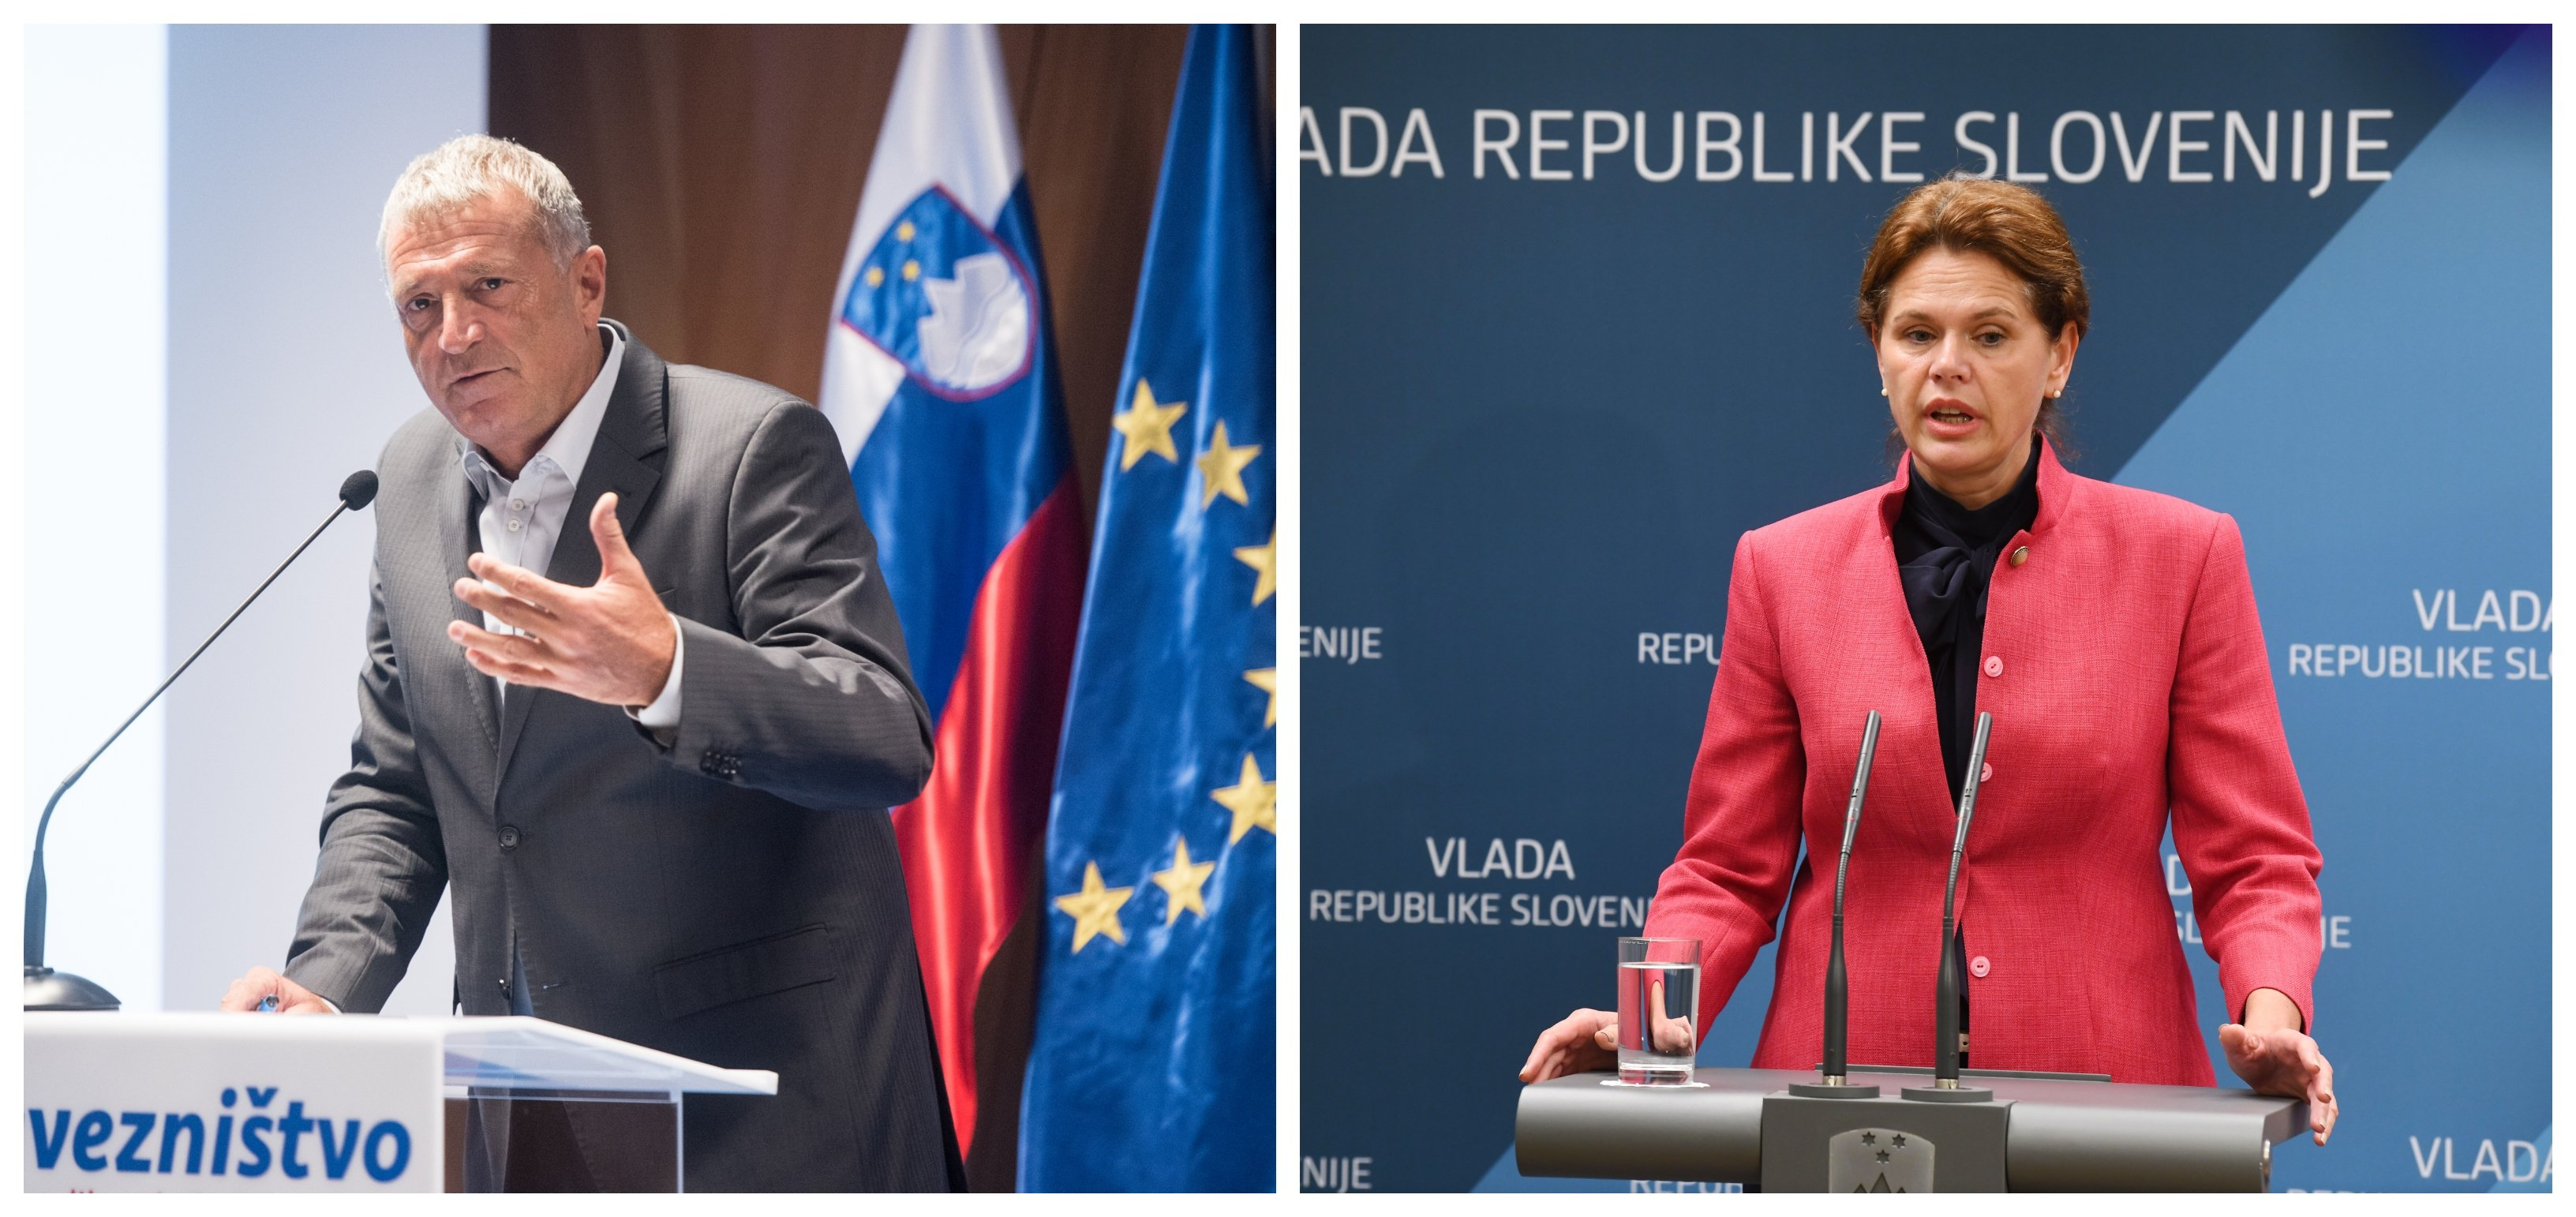 Glavna krivca. Pravosodni minister Senko Pličanič in predsednica vlade Alenka Bratušek. (Foto: STA)